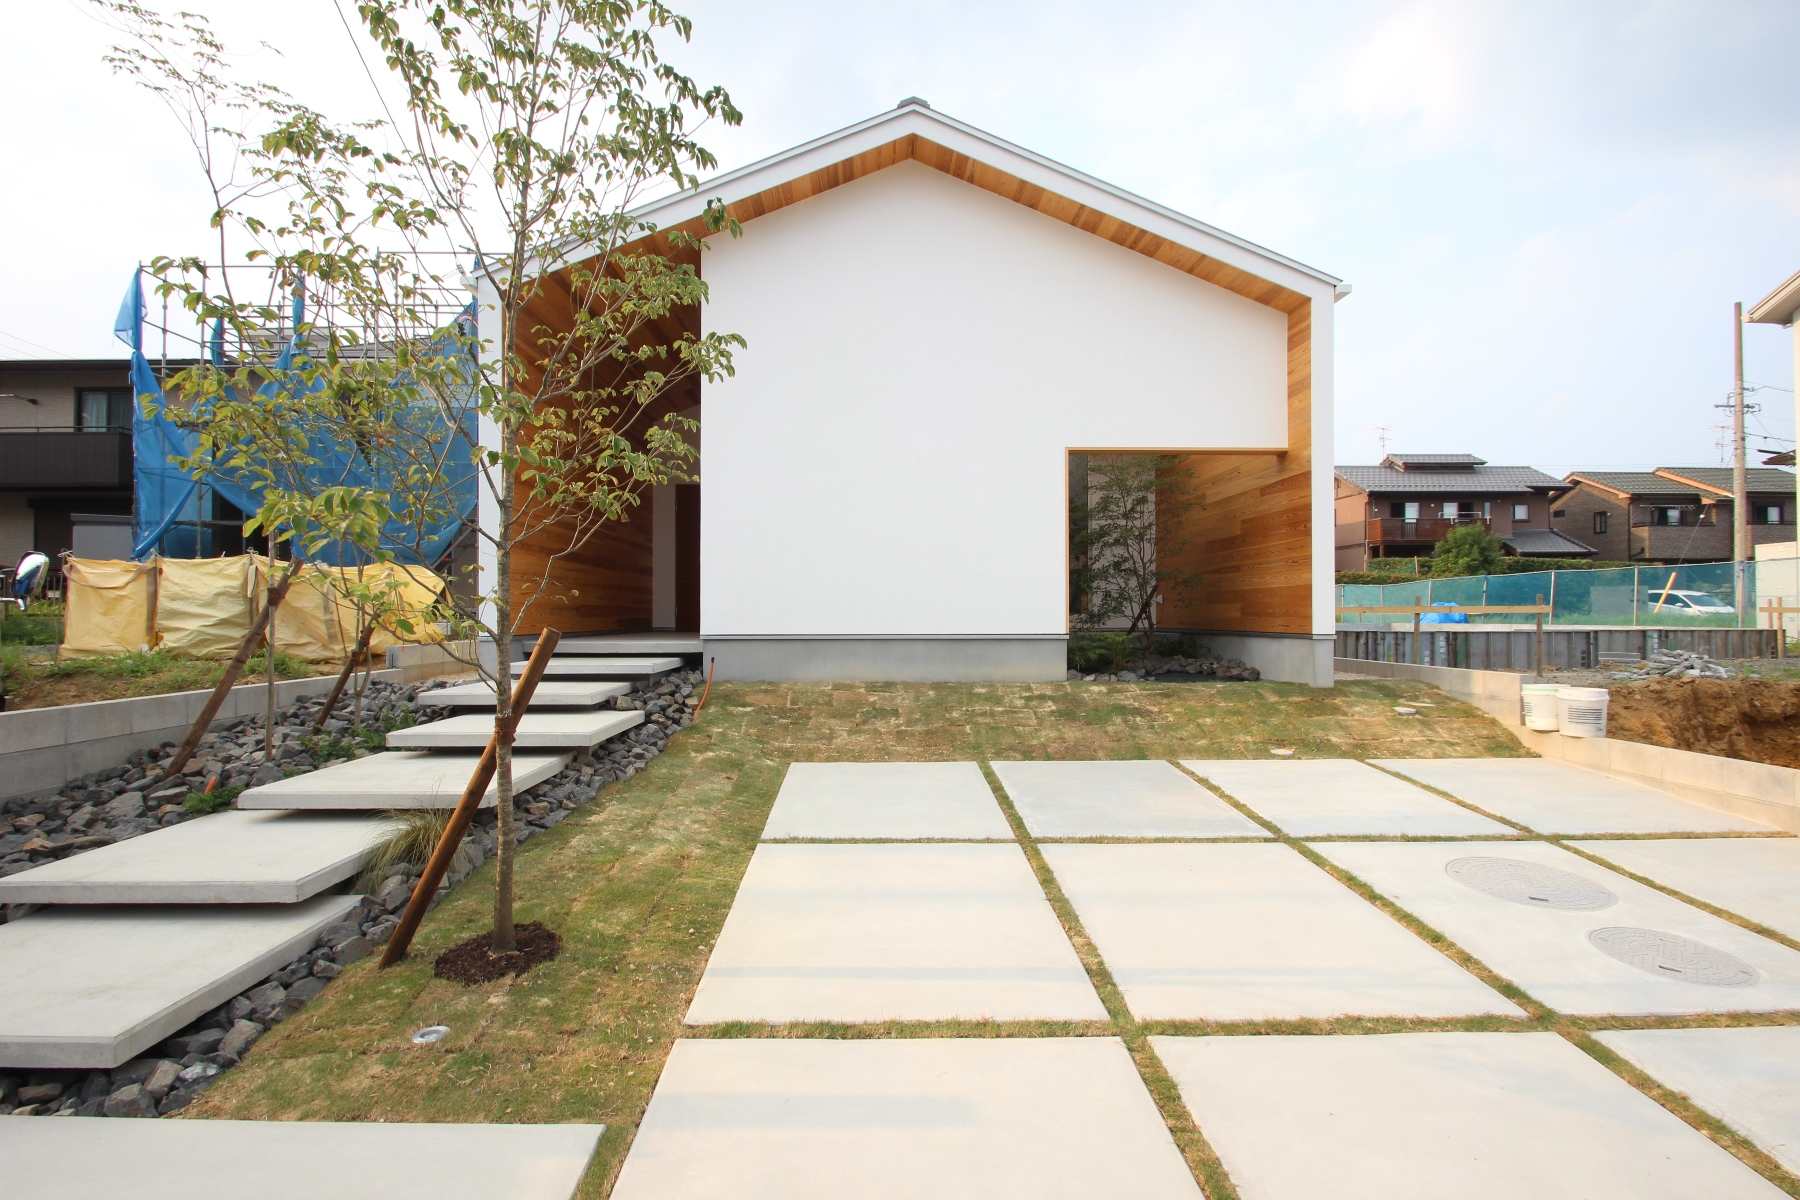 新築住宅の間取りを考える3つのポイント